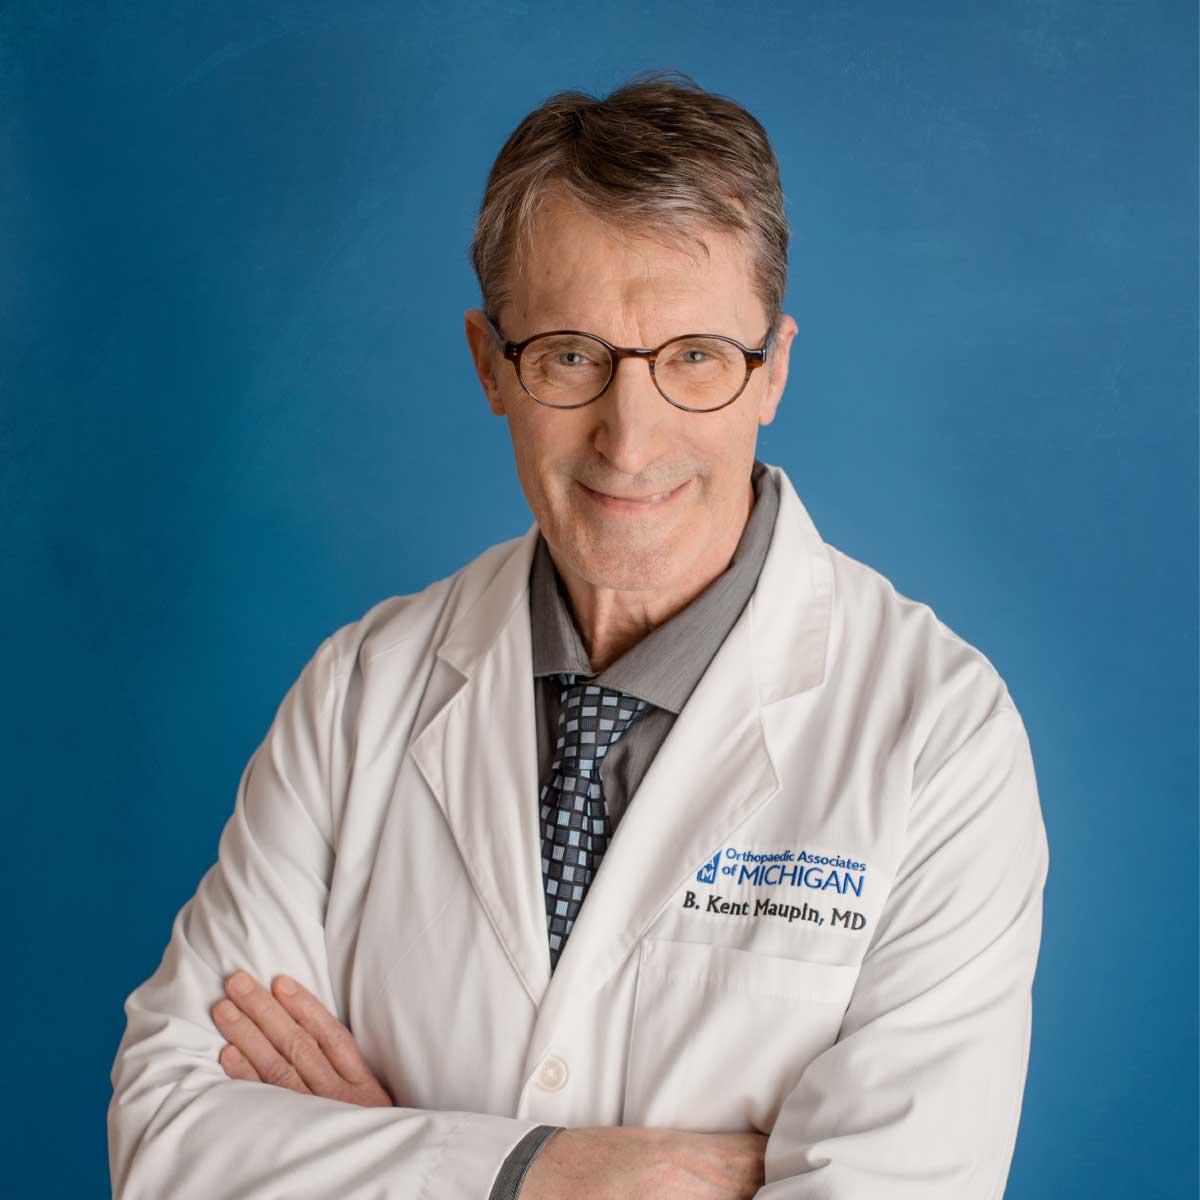 B. Kent Maupin, MD